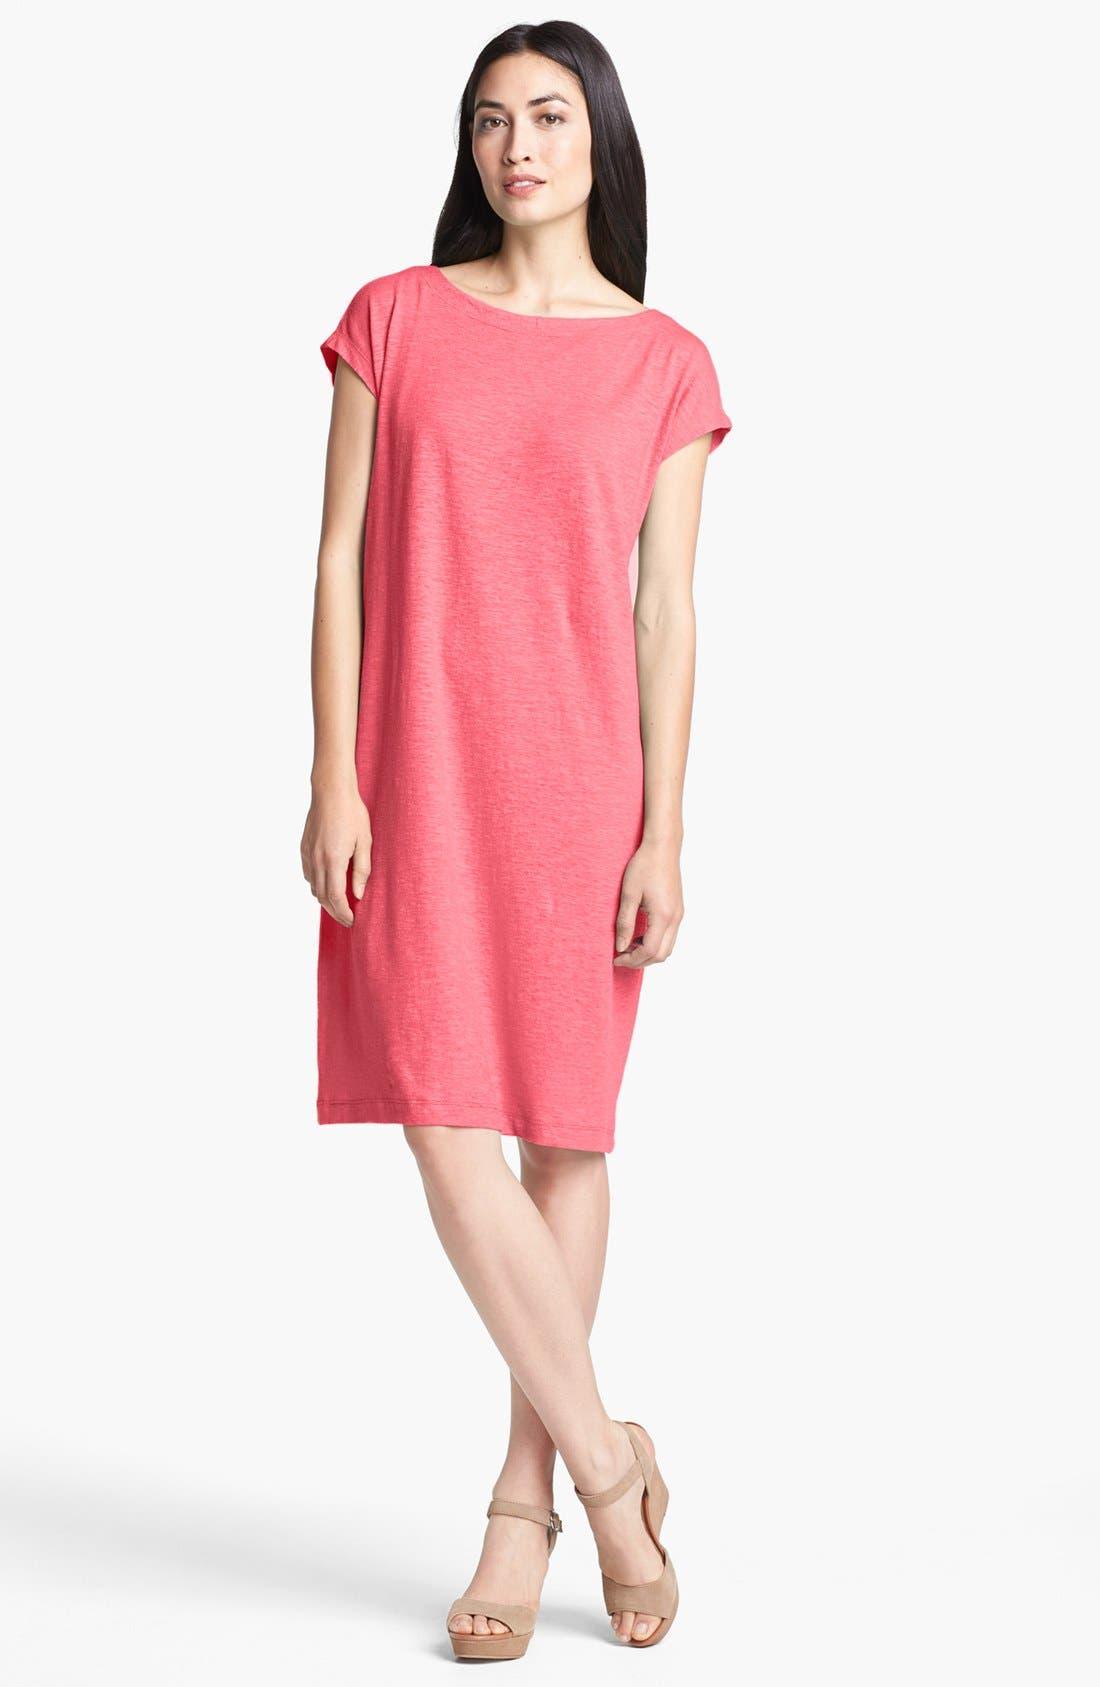 Alternate Image 1 Selected - Eileen Fisher Ballet Neck Dress